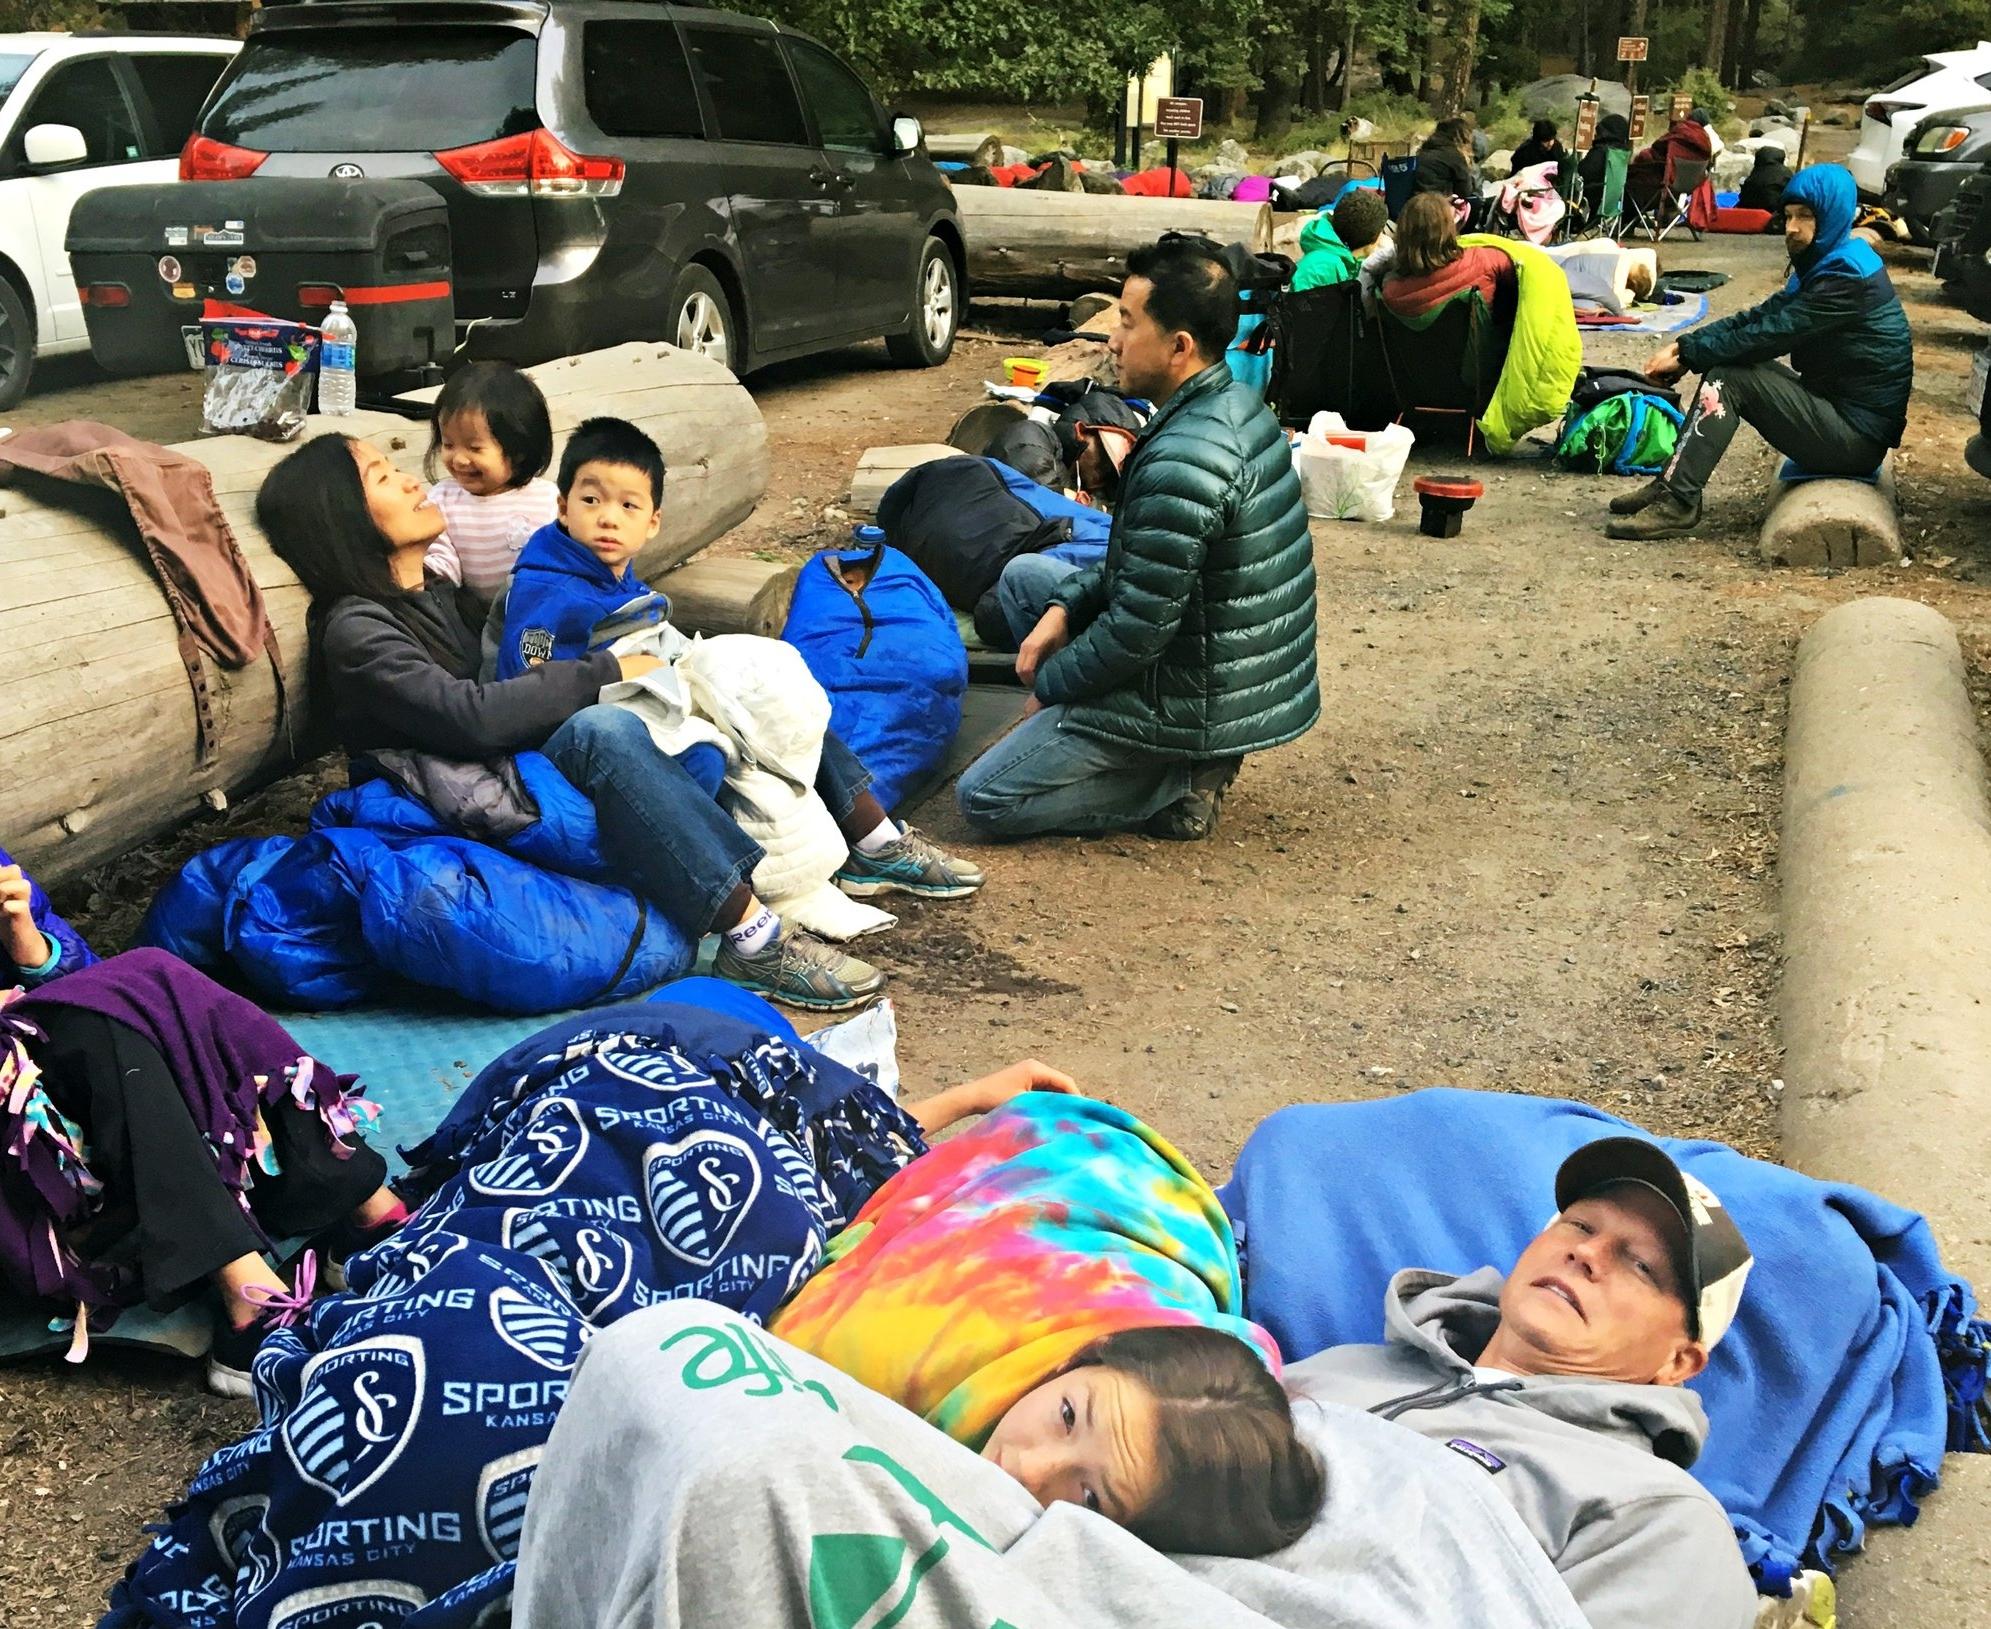 waiting-line-camp-4-yosemite